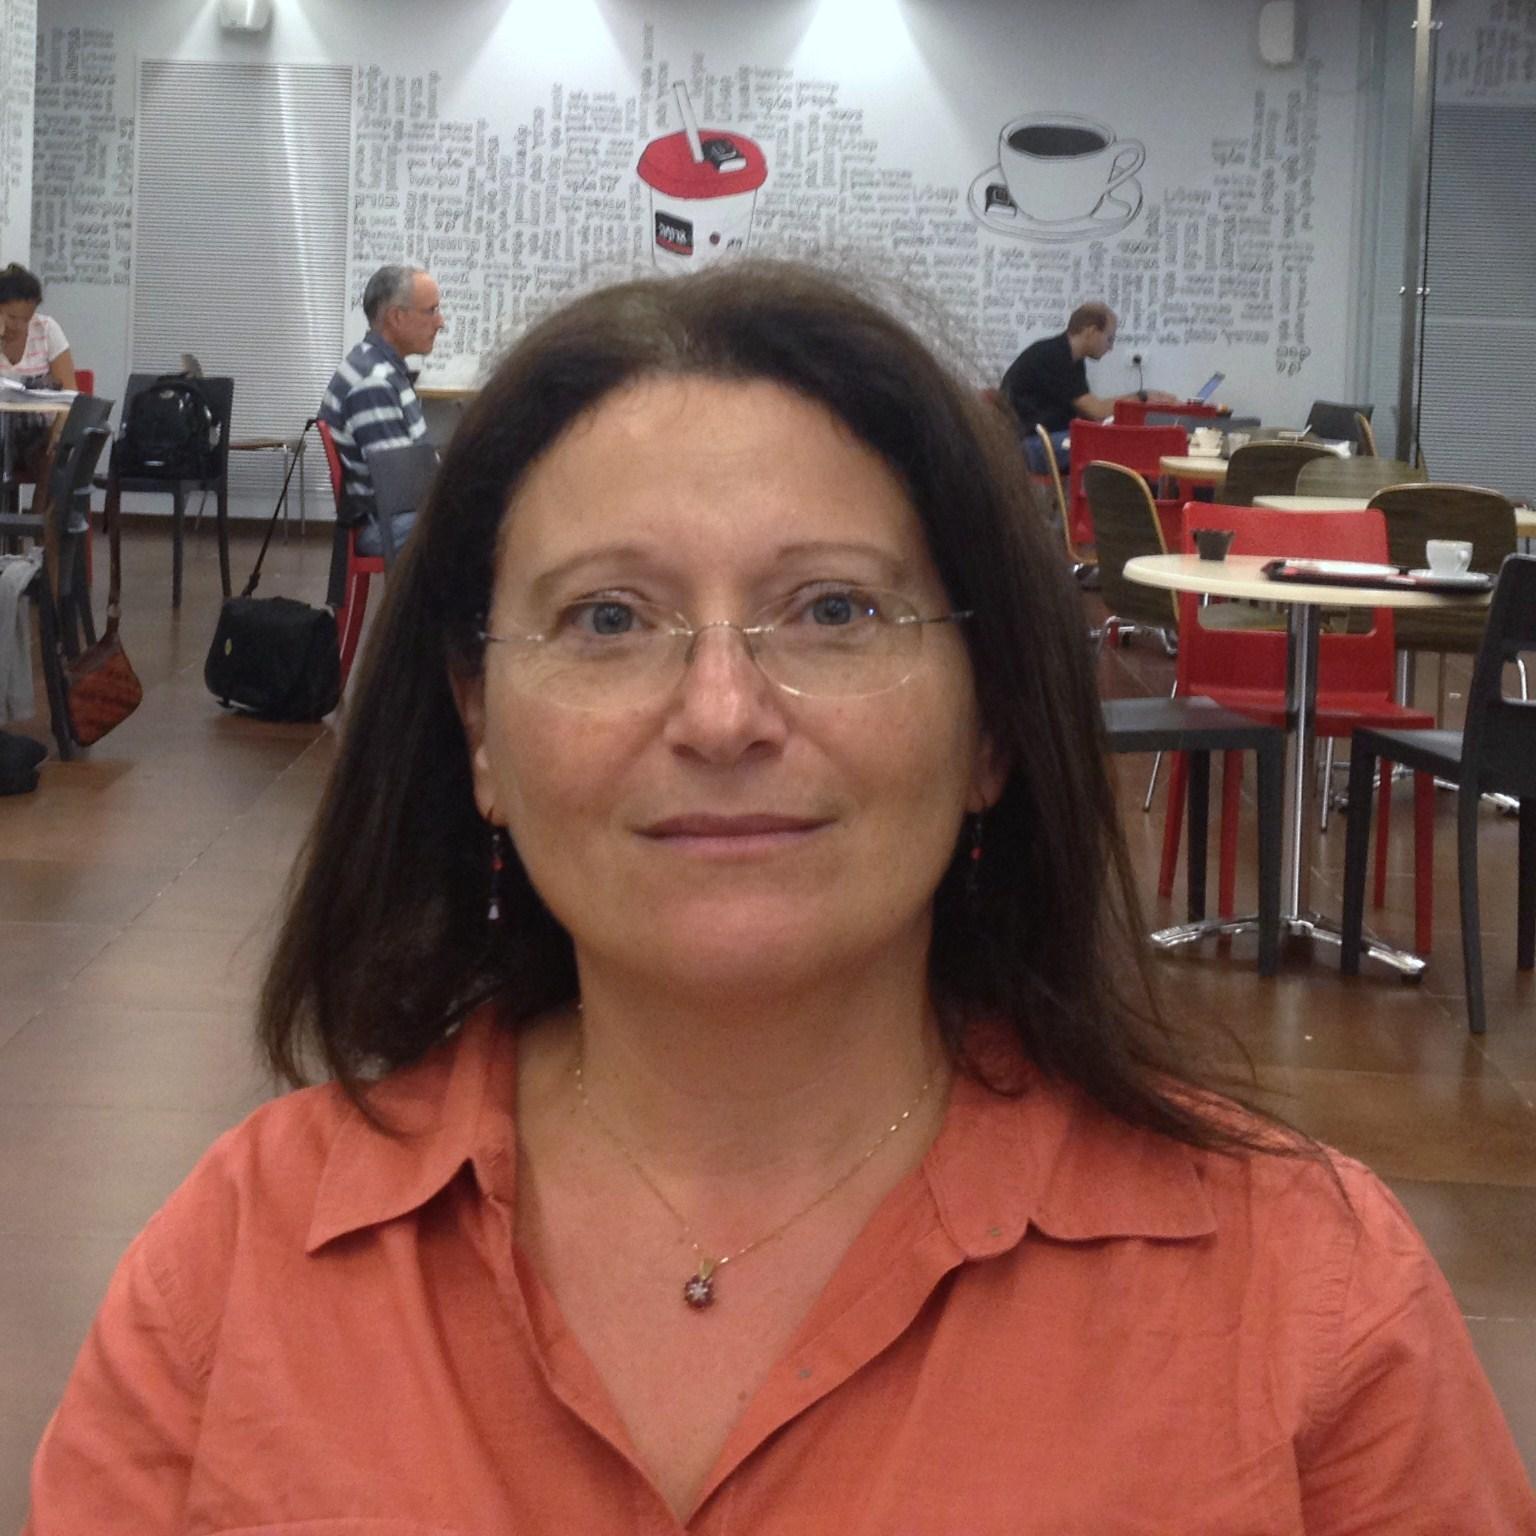 Meira Polliack